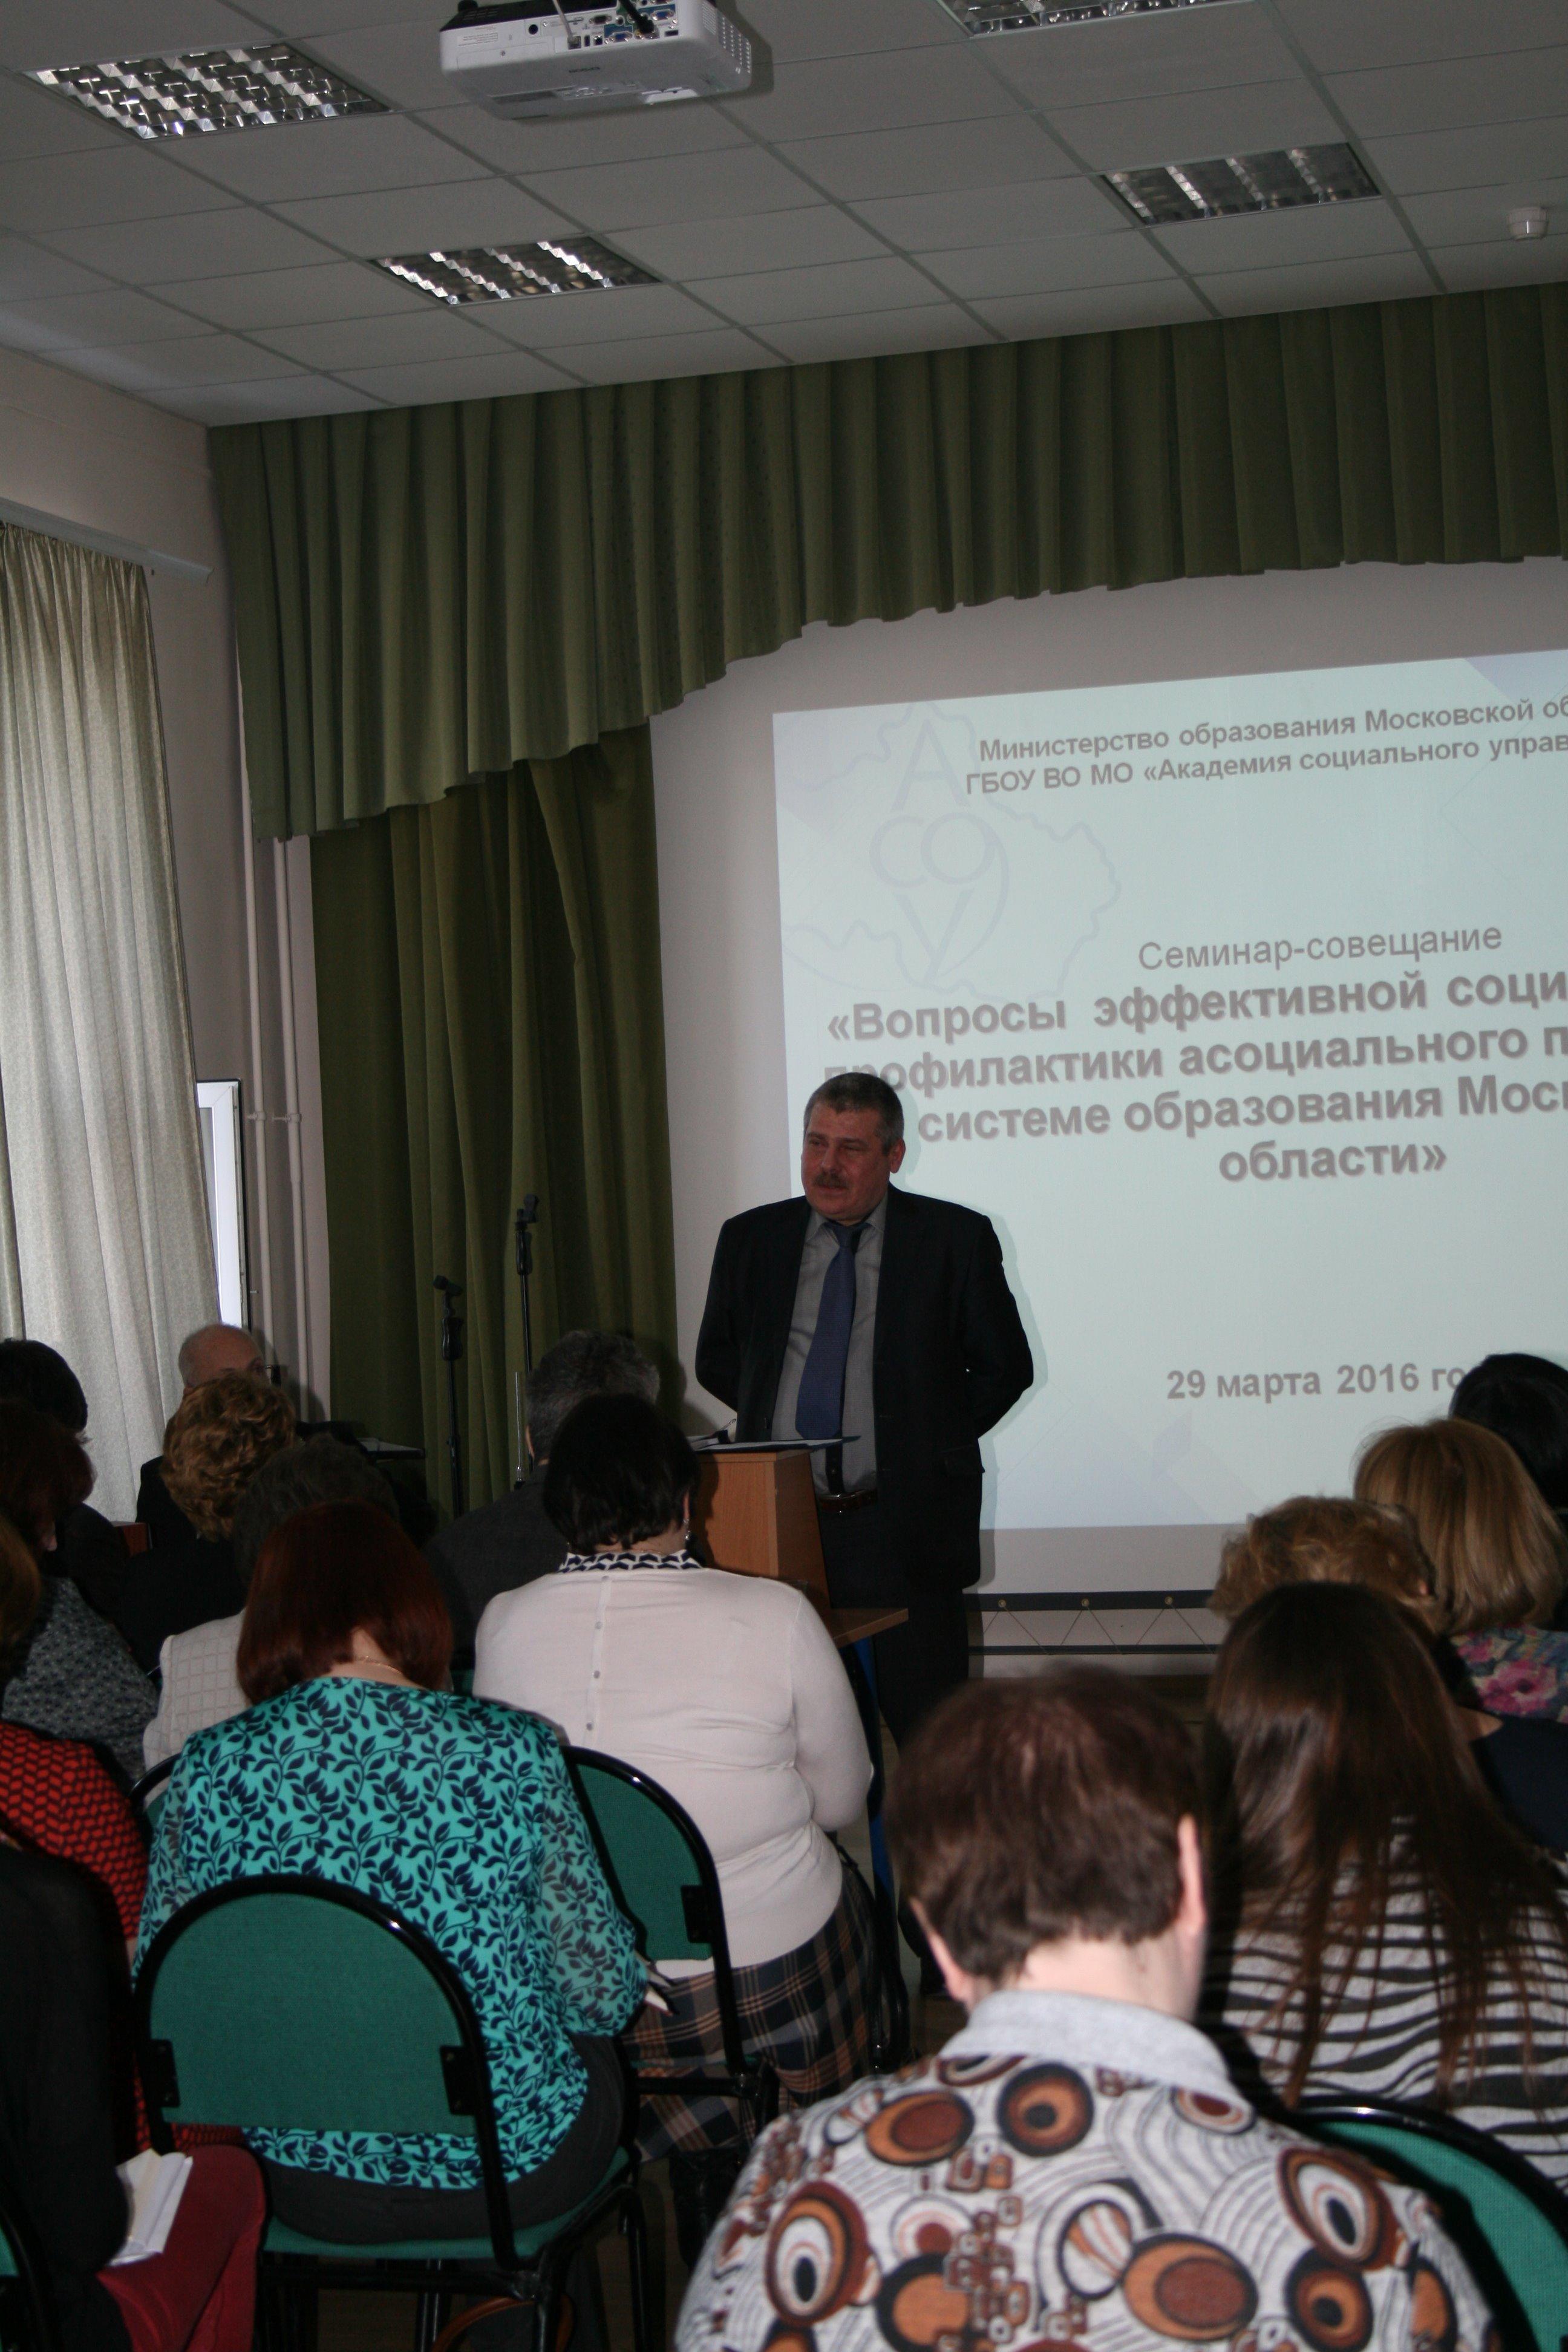 Профилактика асоциального поведения в системе образования Московской области